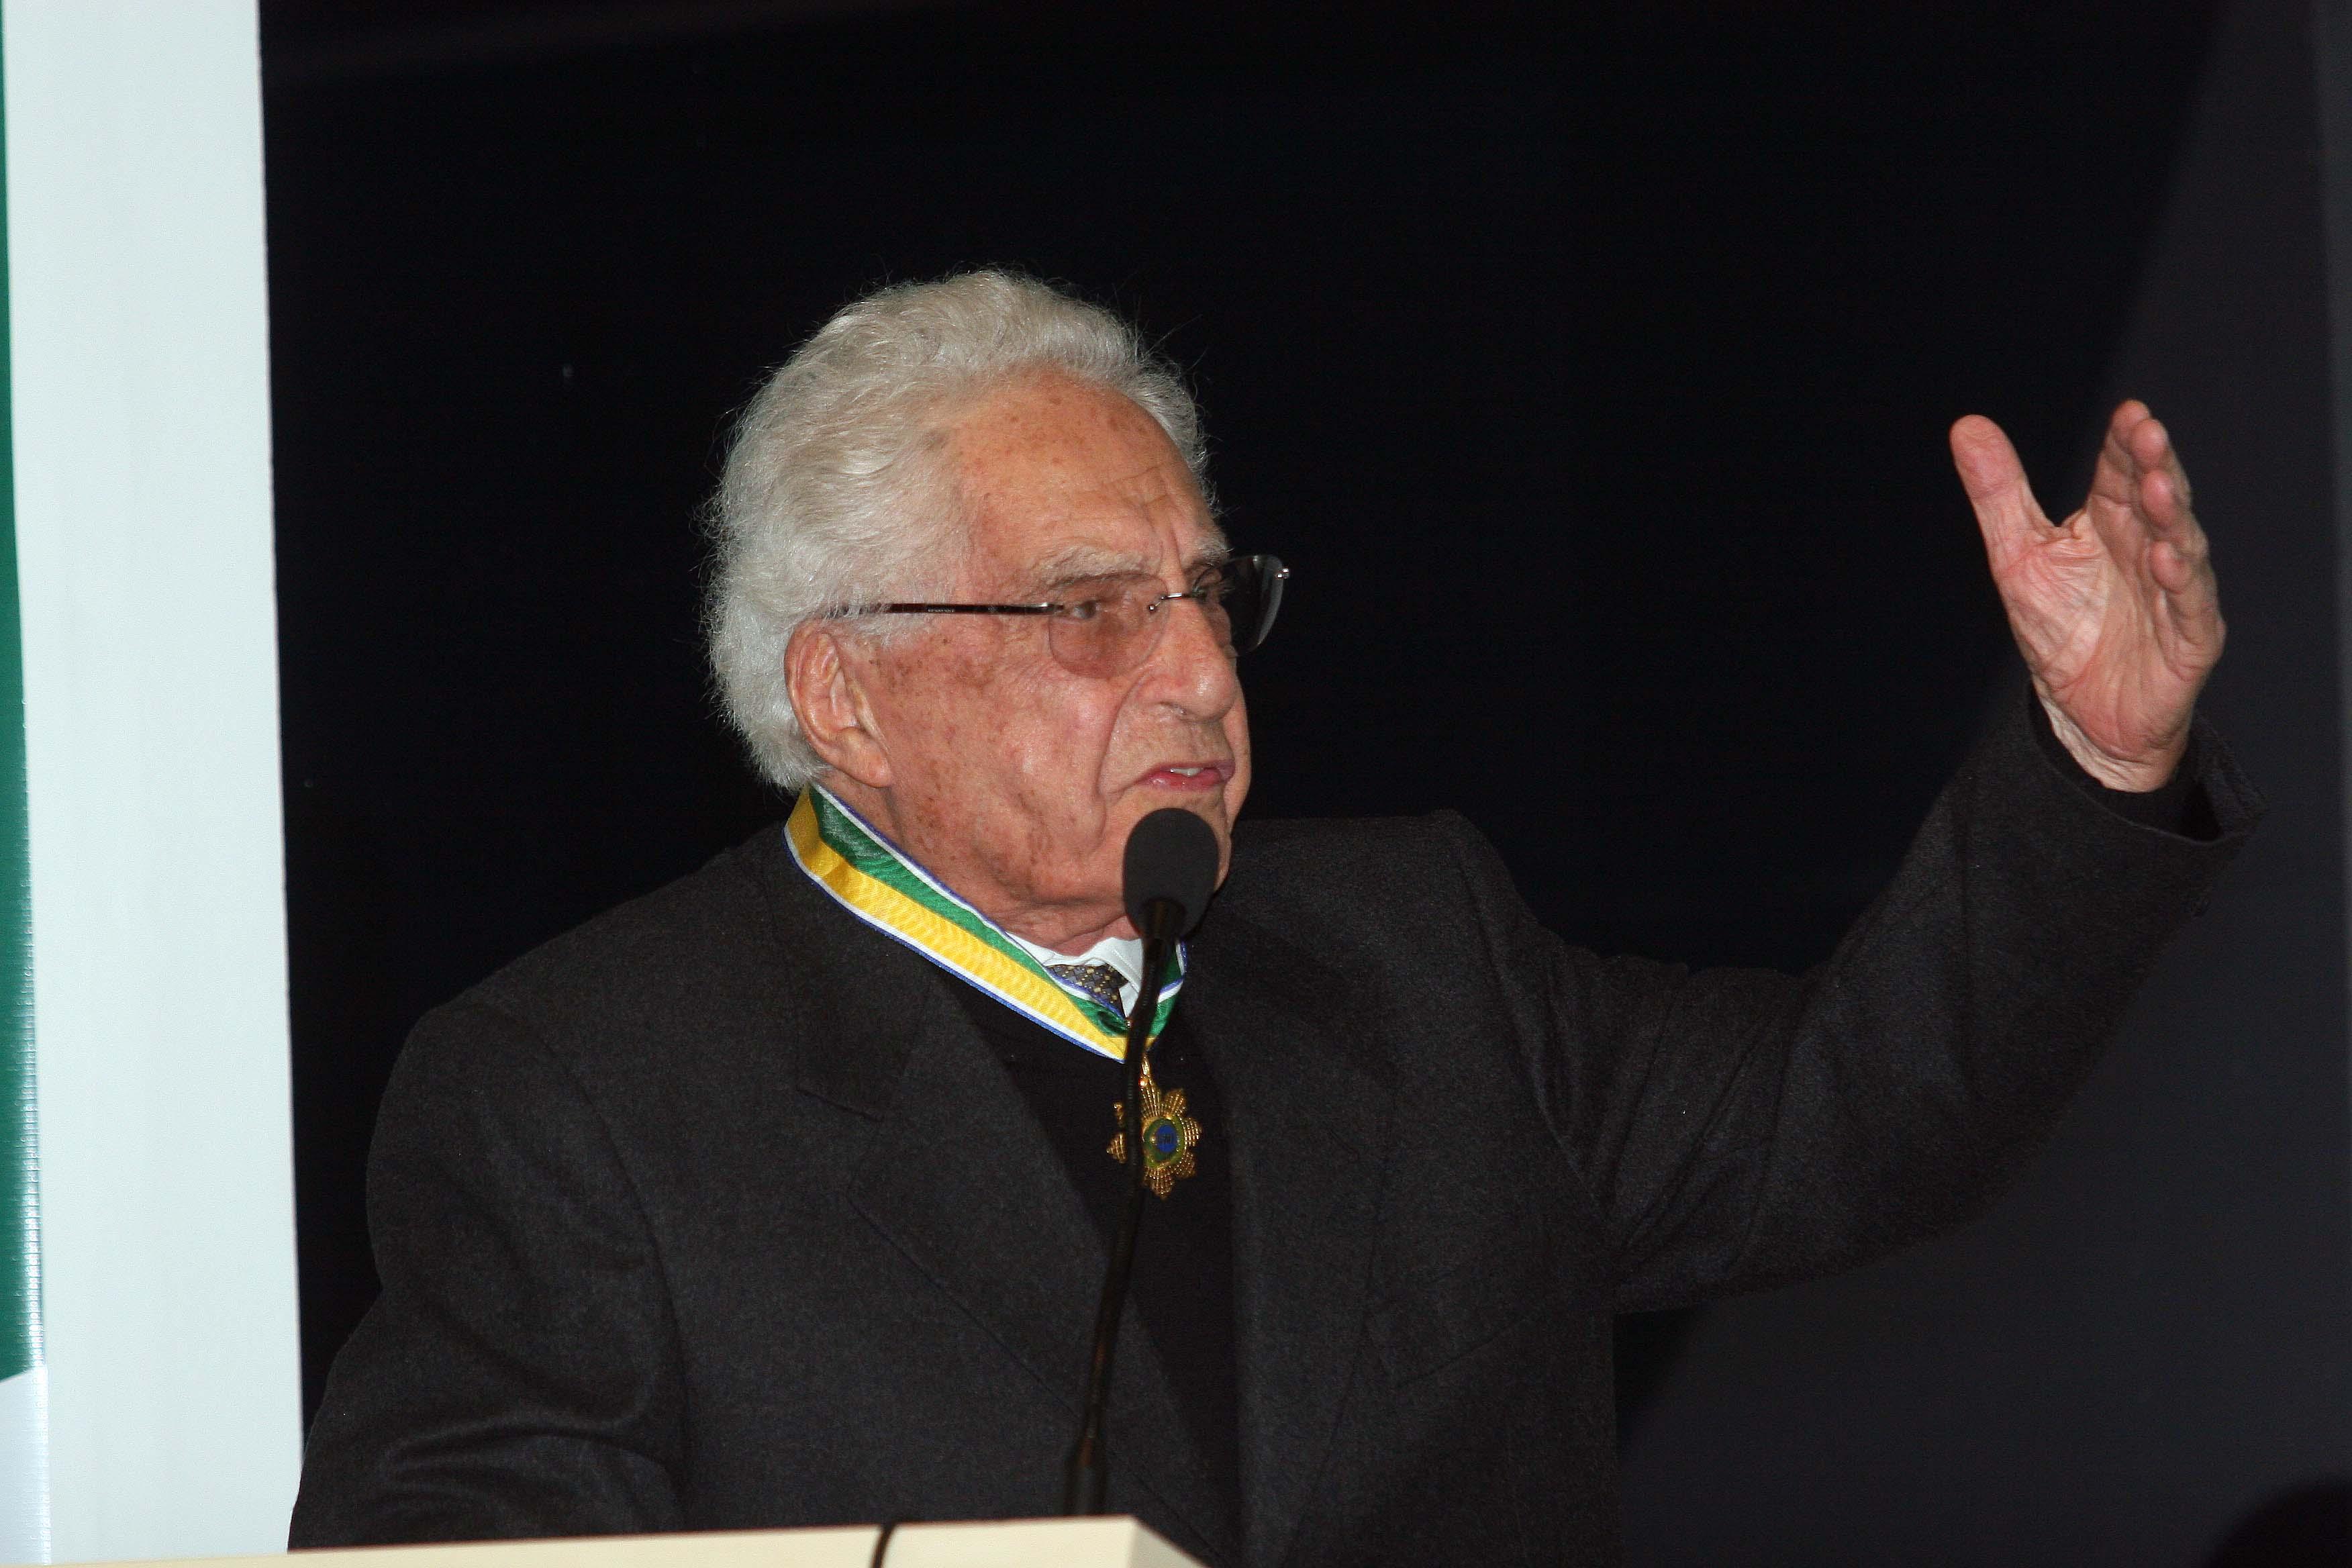 Em 2008, Victor Fontana recebeu a Ordem do Mérito Industrial, maior comenda da indústria brasileira, outorgada pela CNI. Foto: Felipe Christ